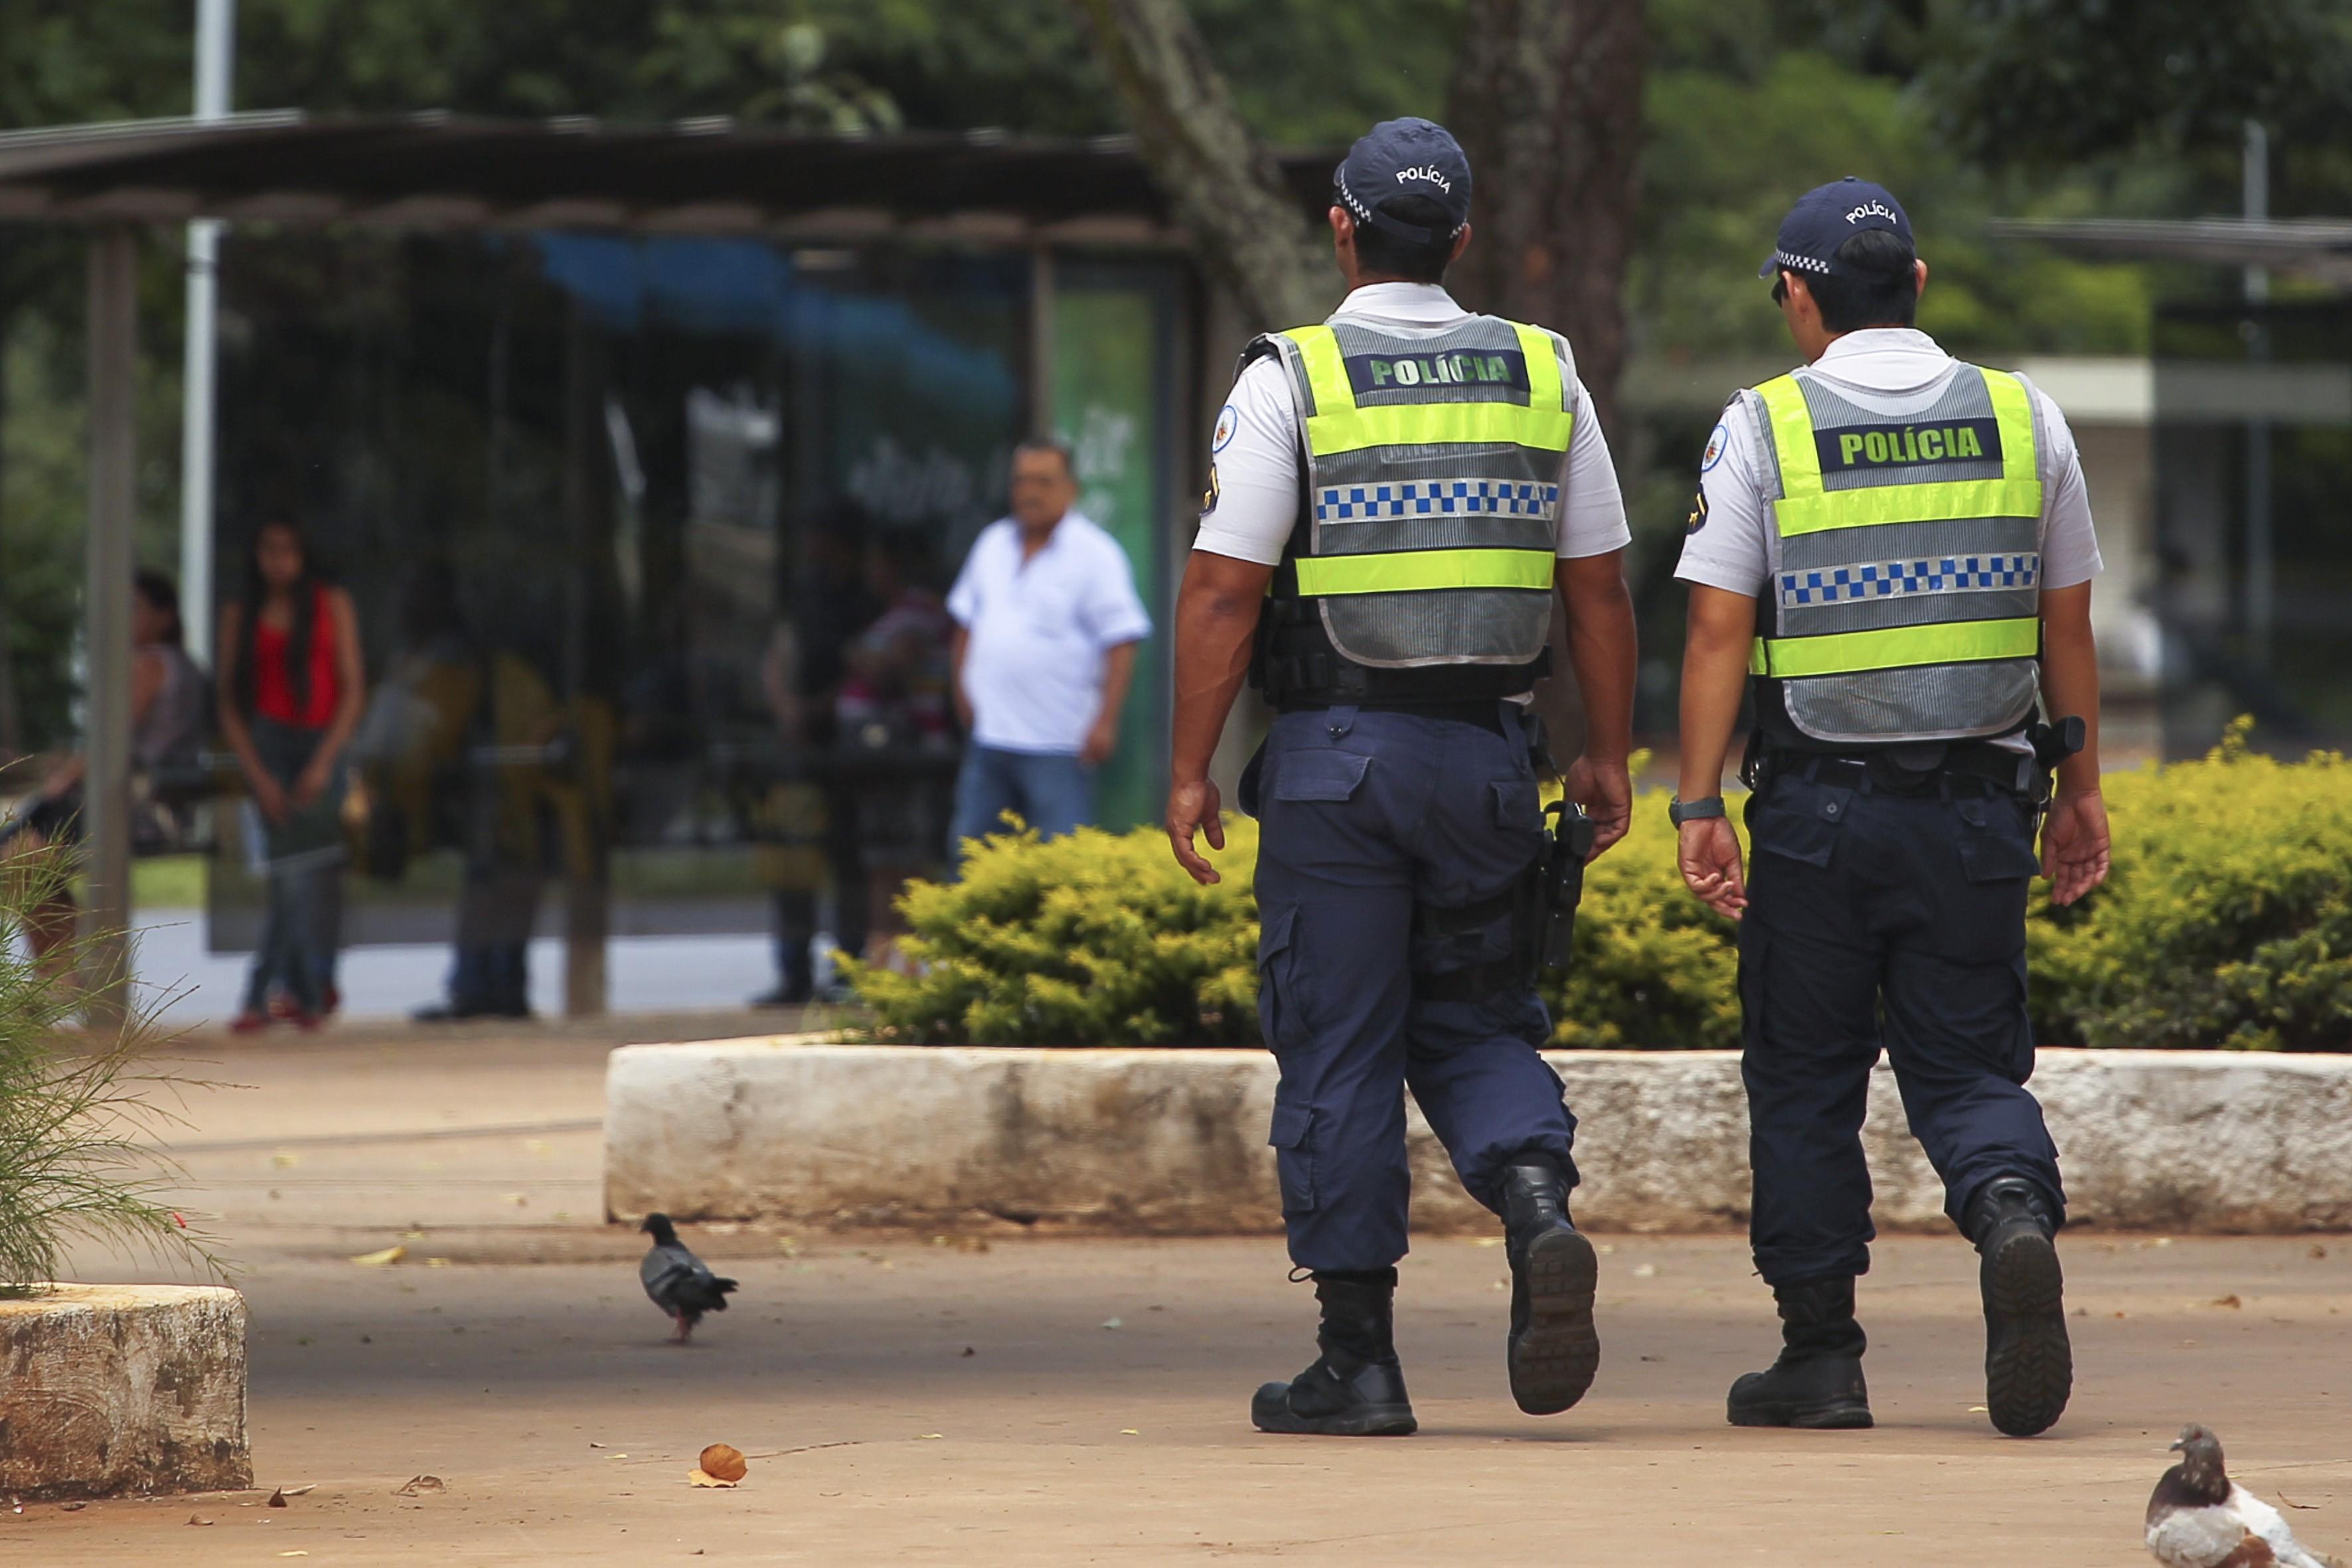 Governador do DF exonera coronel da PM suspeito de extorquir dinheiro de empresários